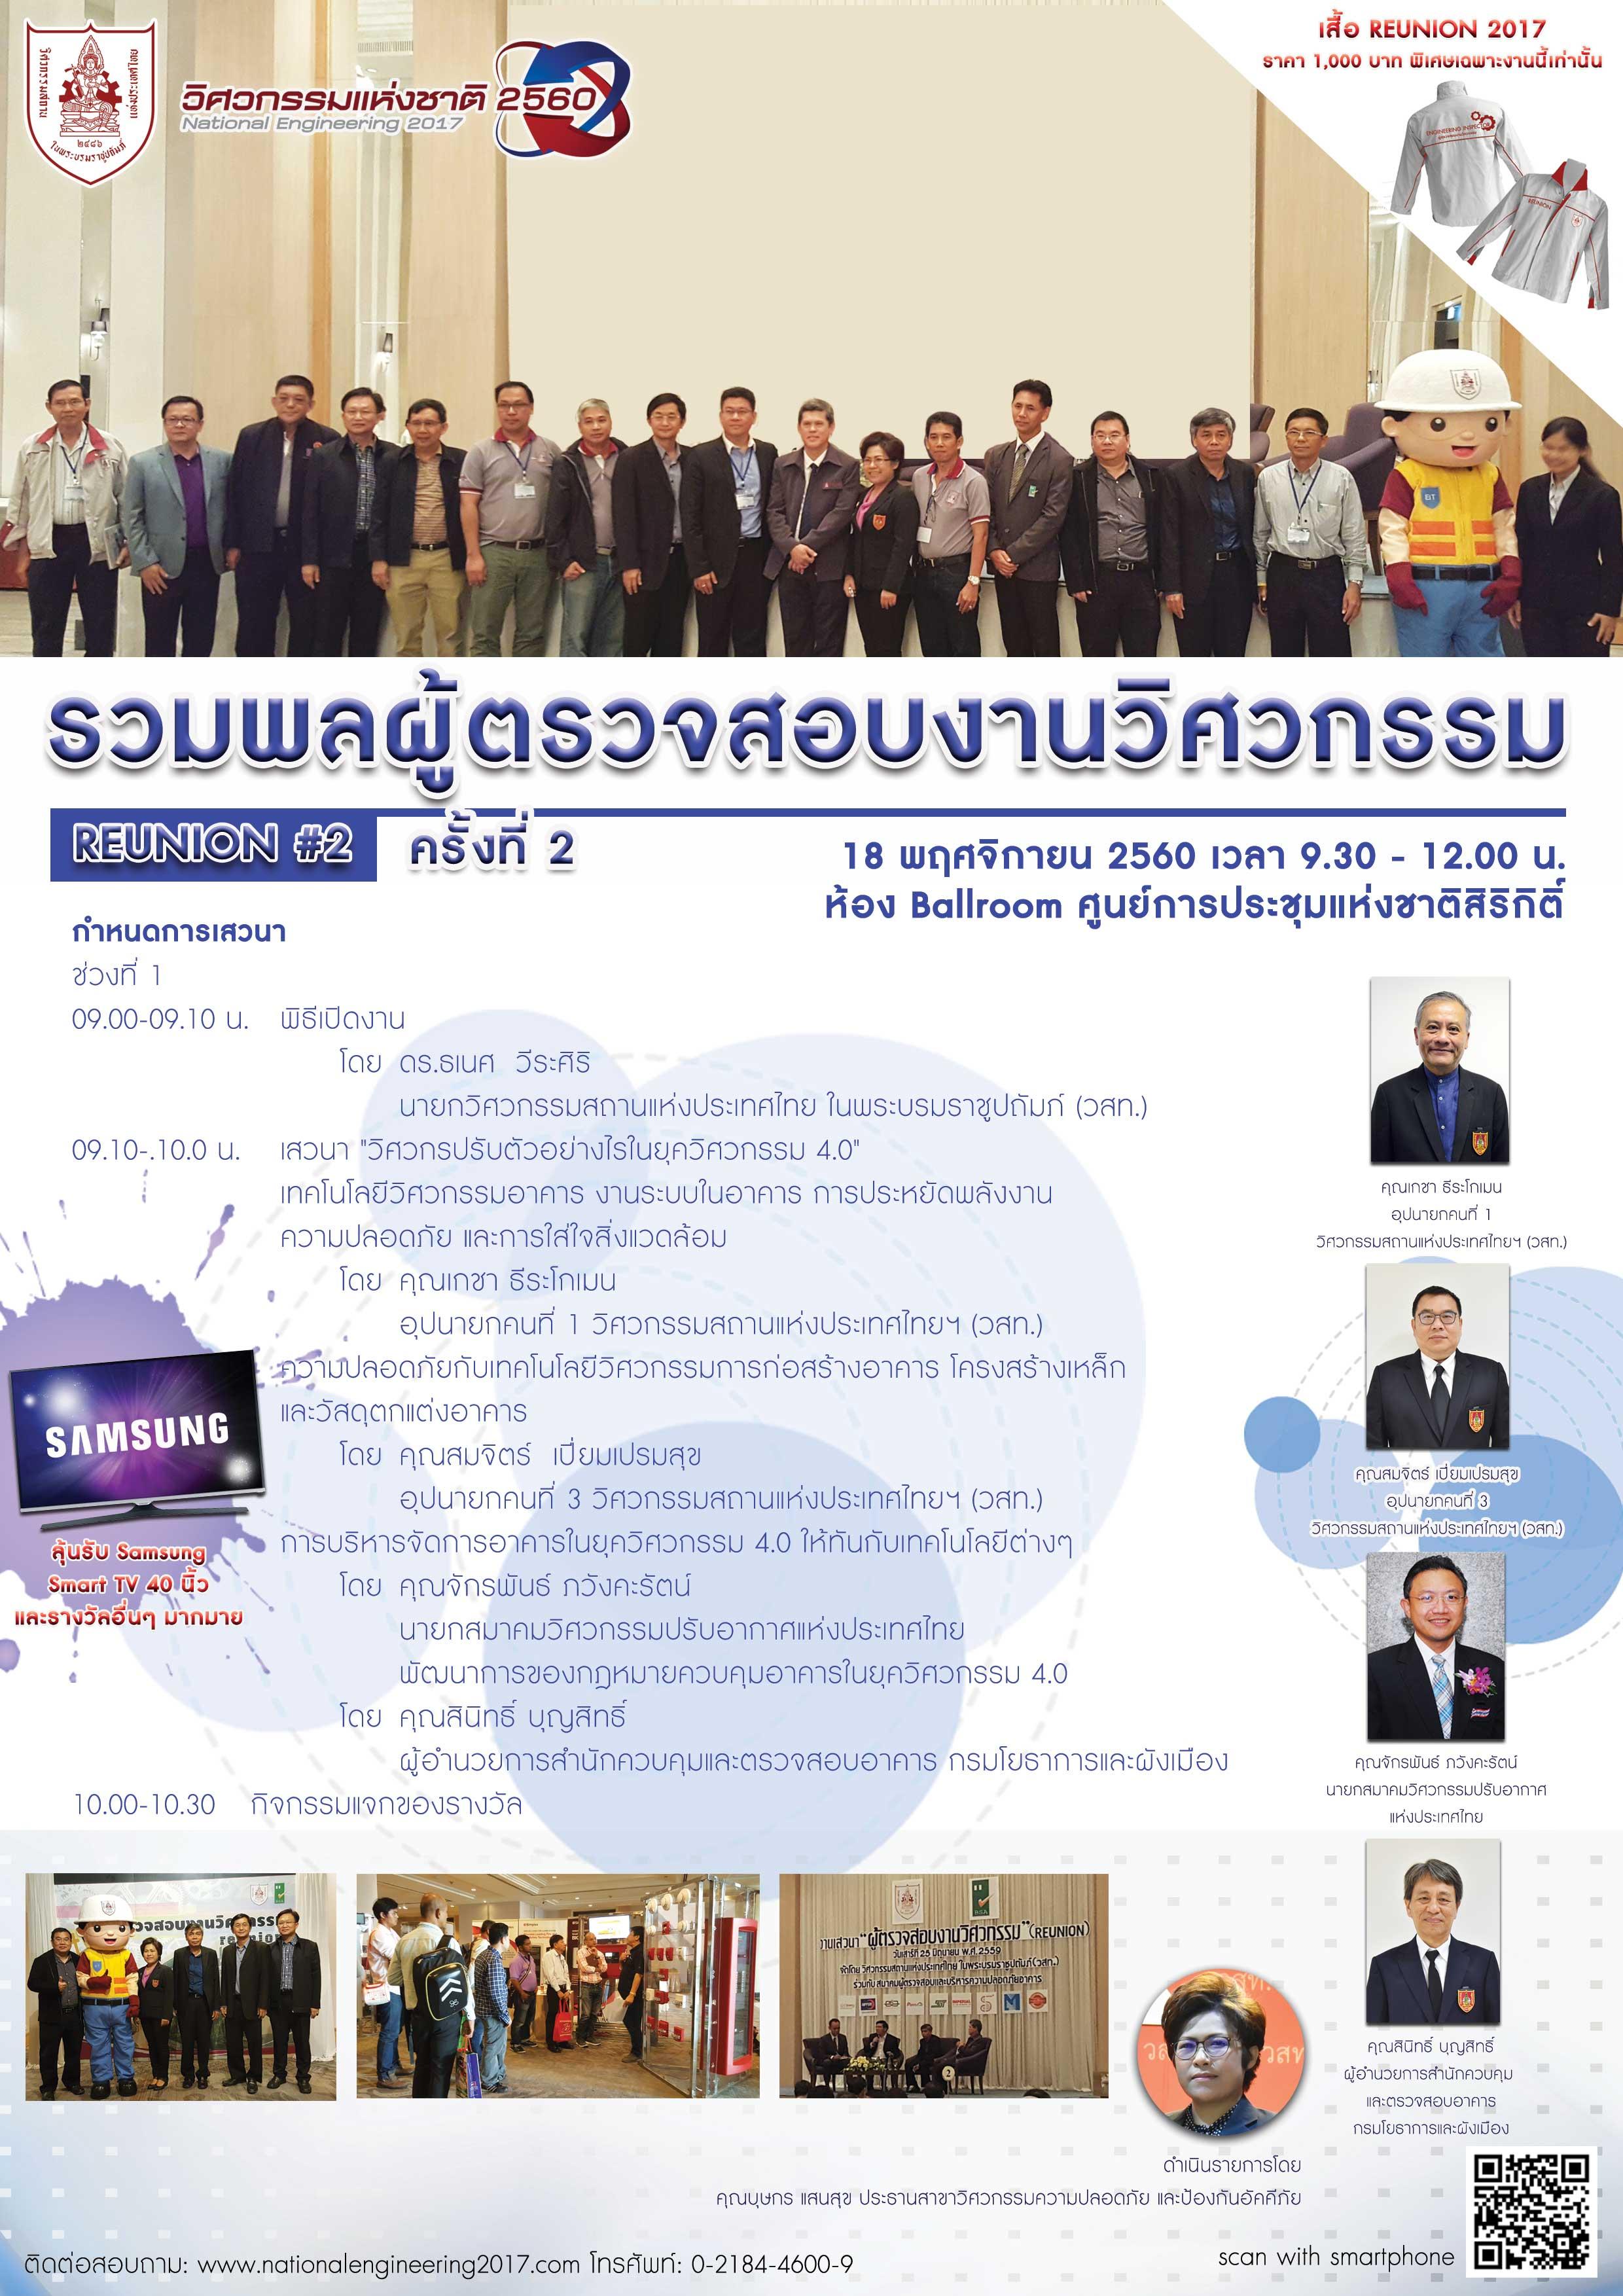 18/11/2560 รวมพลผู้ตรวจสอบงานวิศวกรรม (Reunion 2) ในงานวิศวกรรมแห่งชาติ